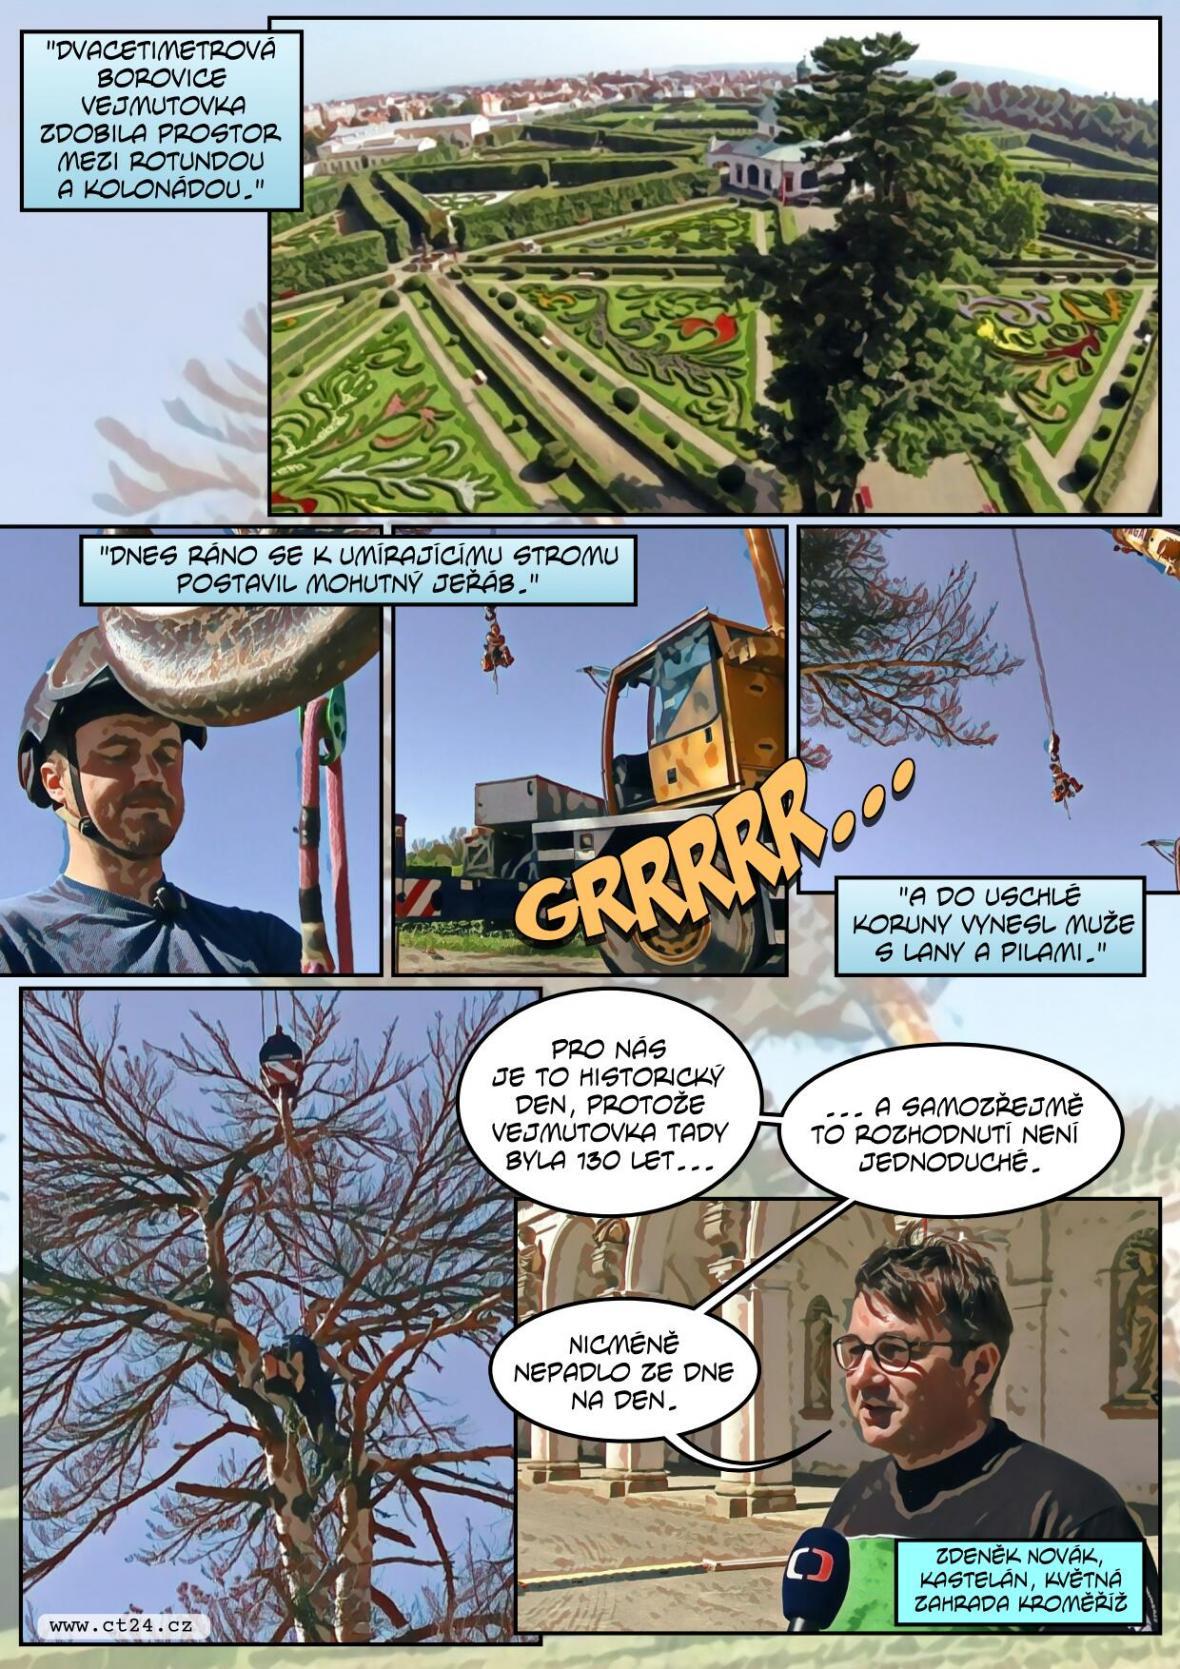 Pokáceli staletý strom v Kroměříži